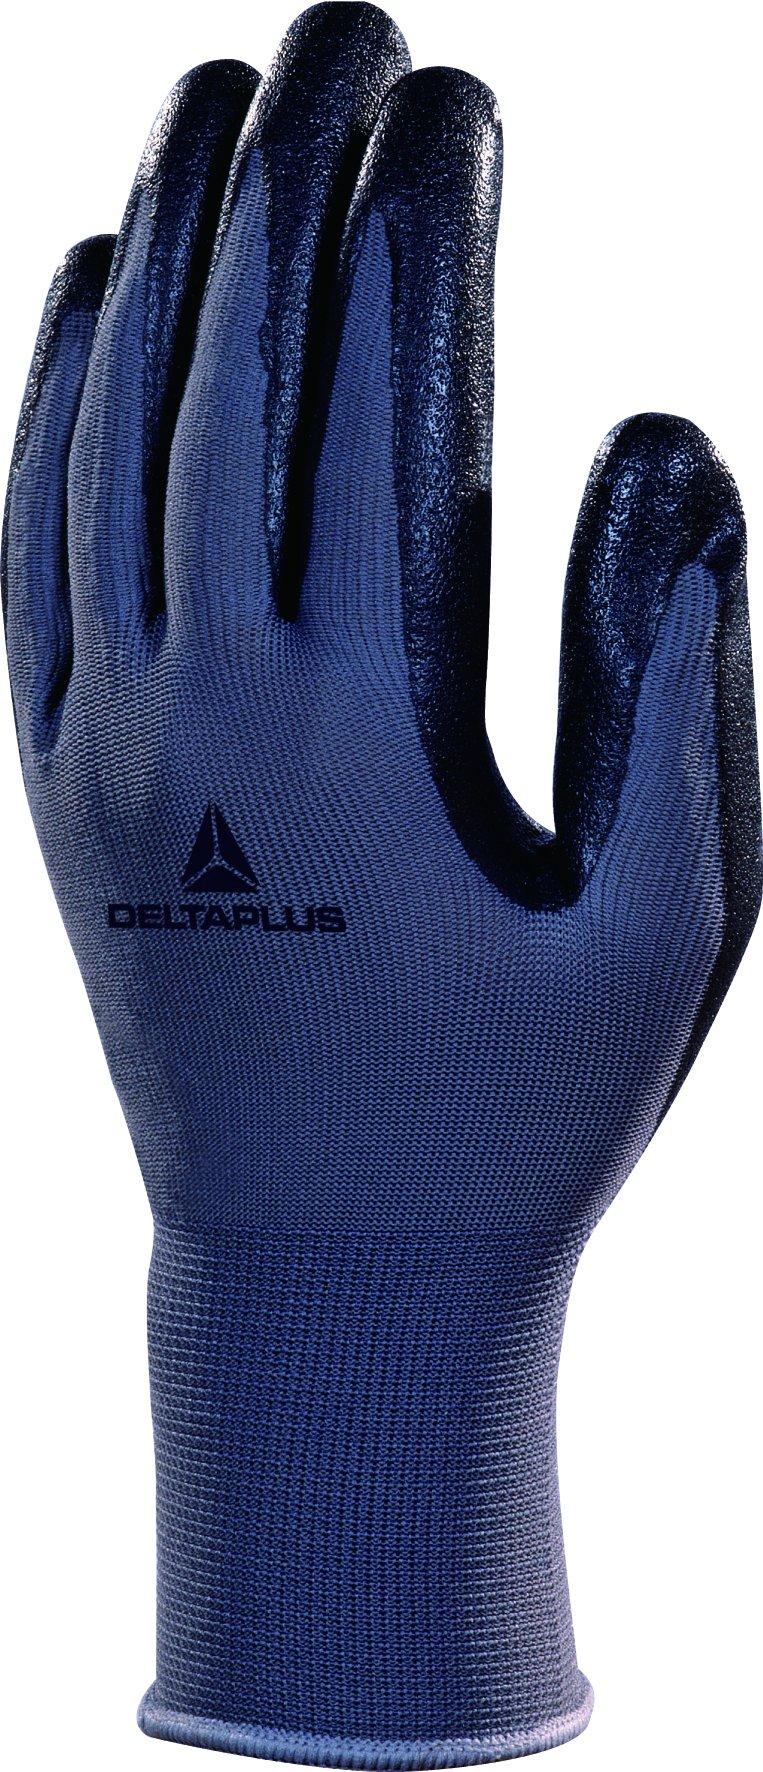 Elvex VE722 - safety gloves -nitrile foam coated - size 8